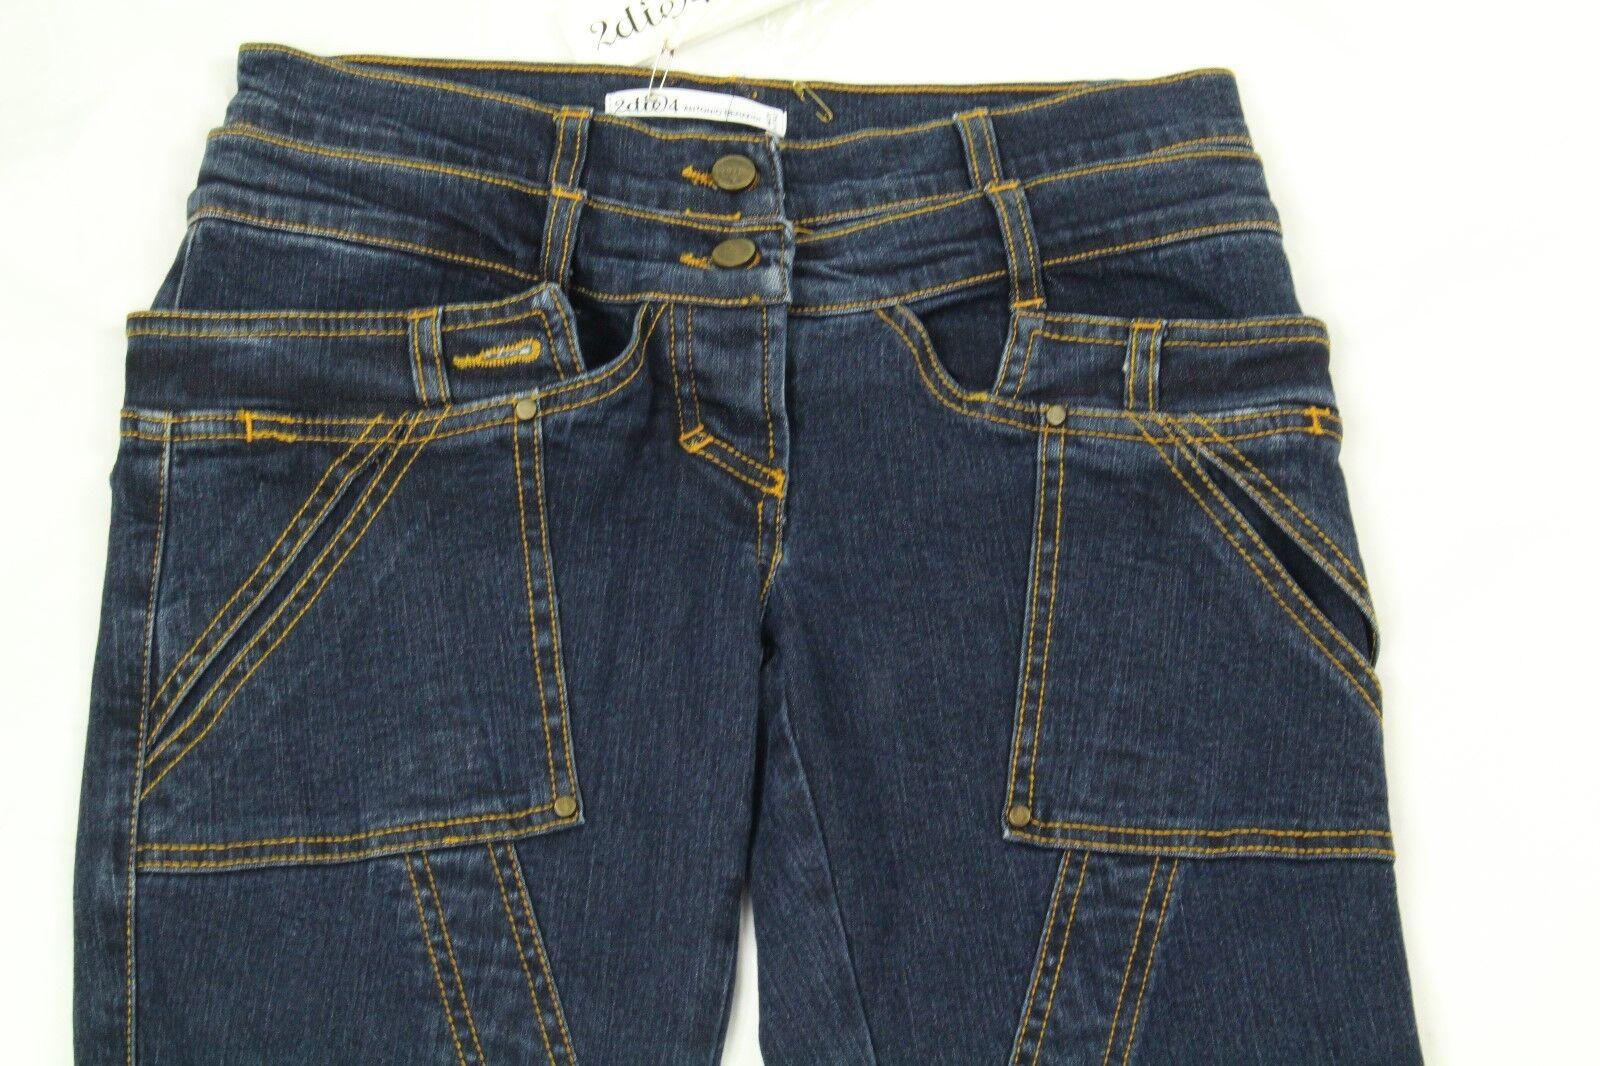 2die4 Antonio Berardi Donna Jeans Cargo Misura 42 42 42 (Us 8) Retail Italia 0c7218